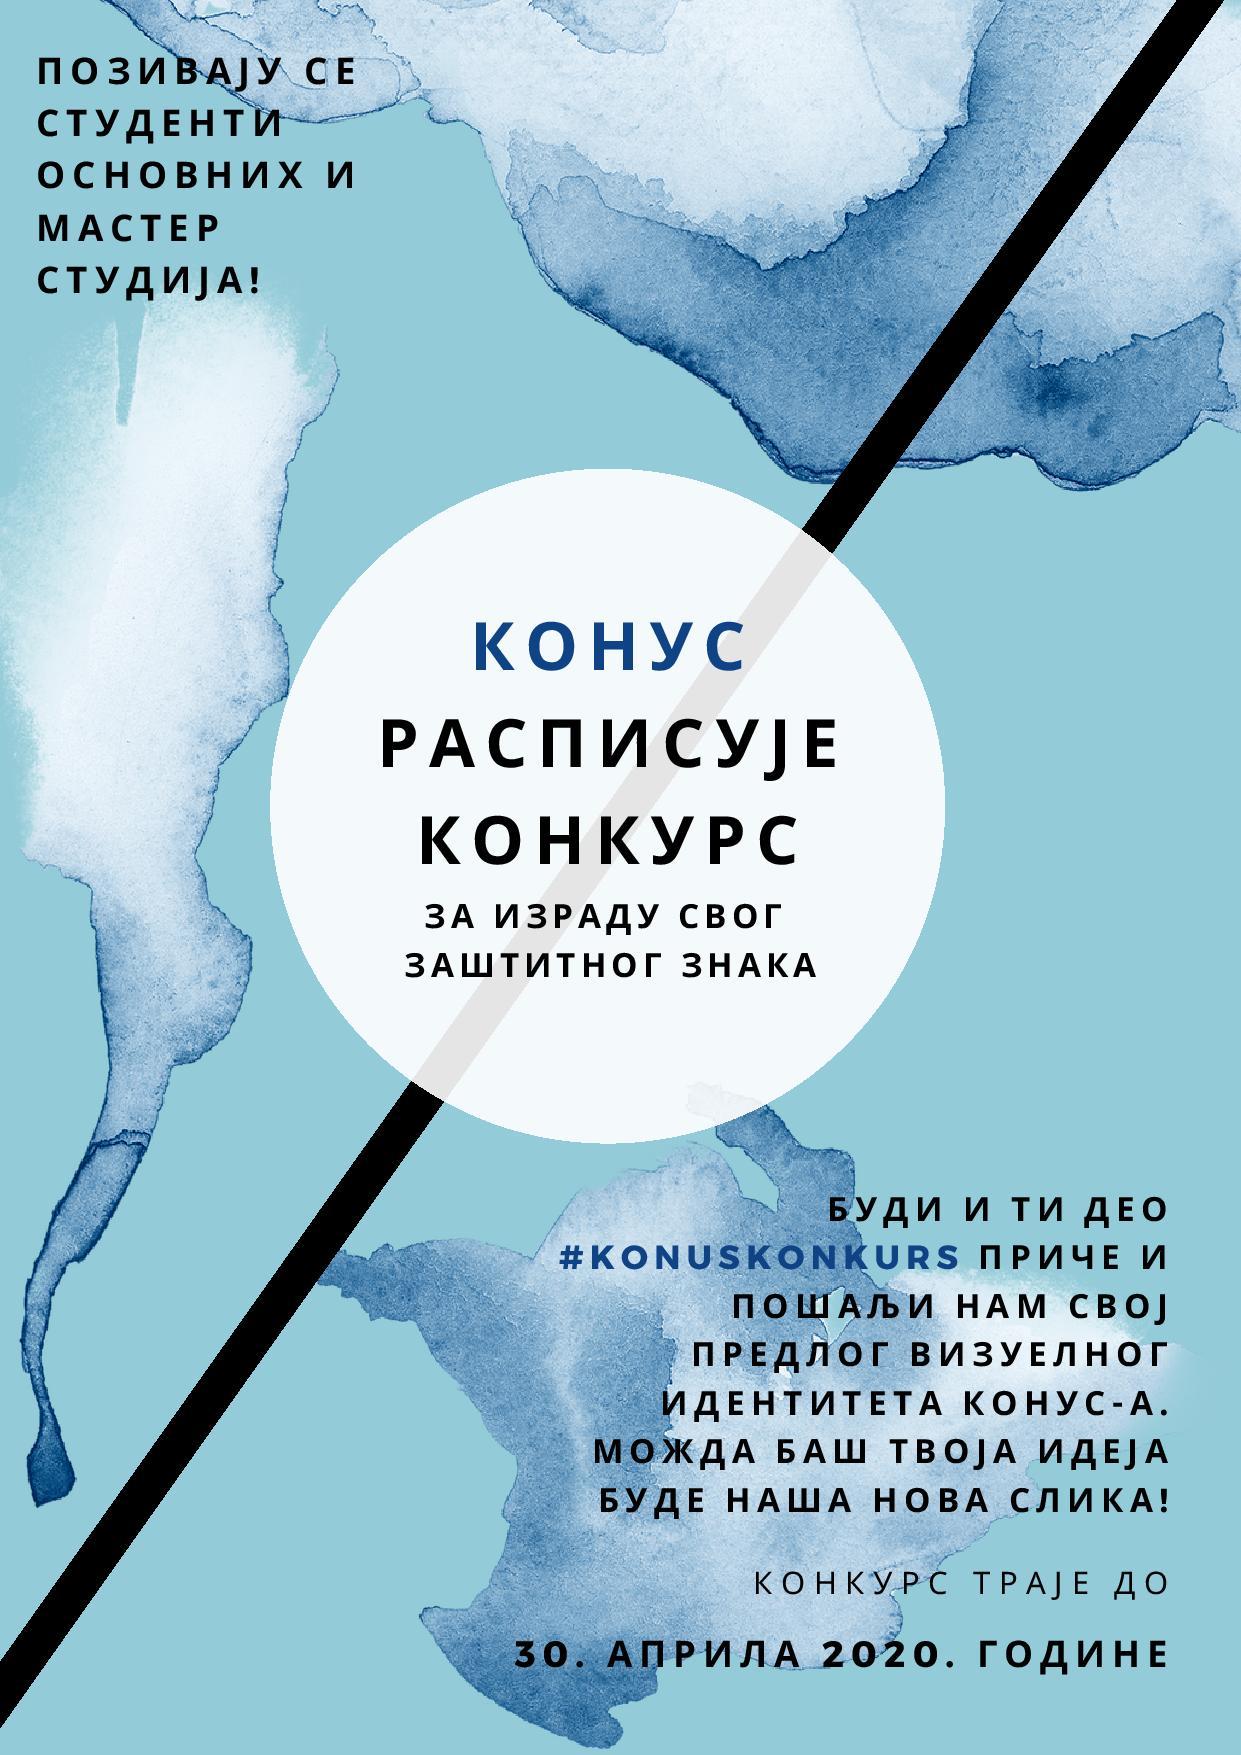 Konkurs za izradu vizuelnog identiteta Konusa - poster-page-001